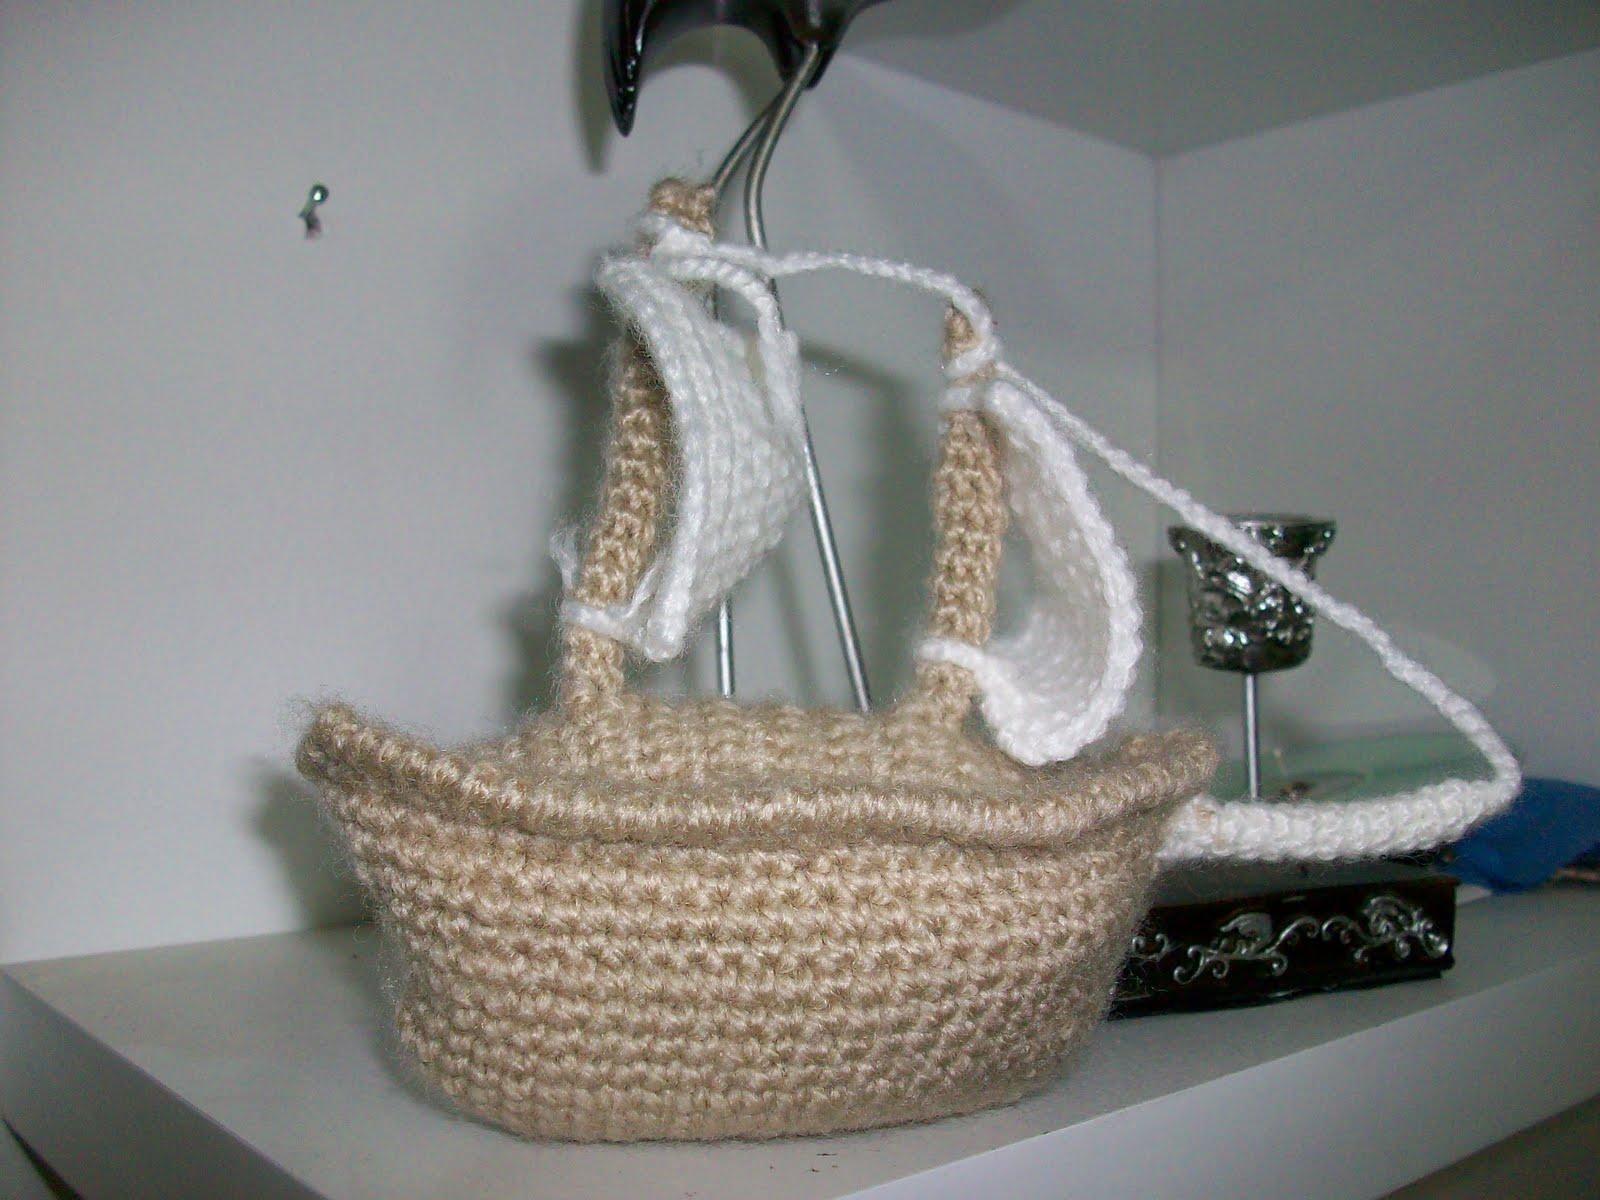 Evinnesesi: mii denizde bir gemi :)